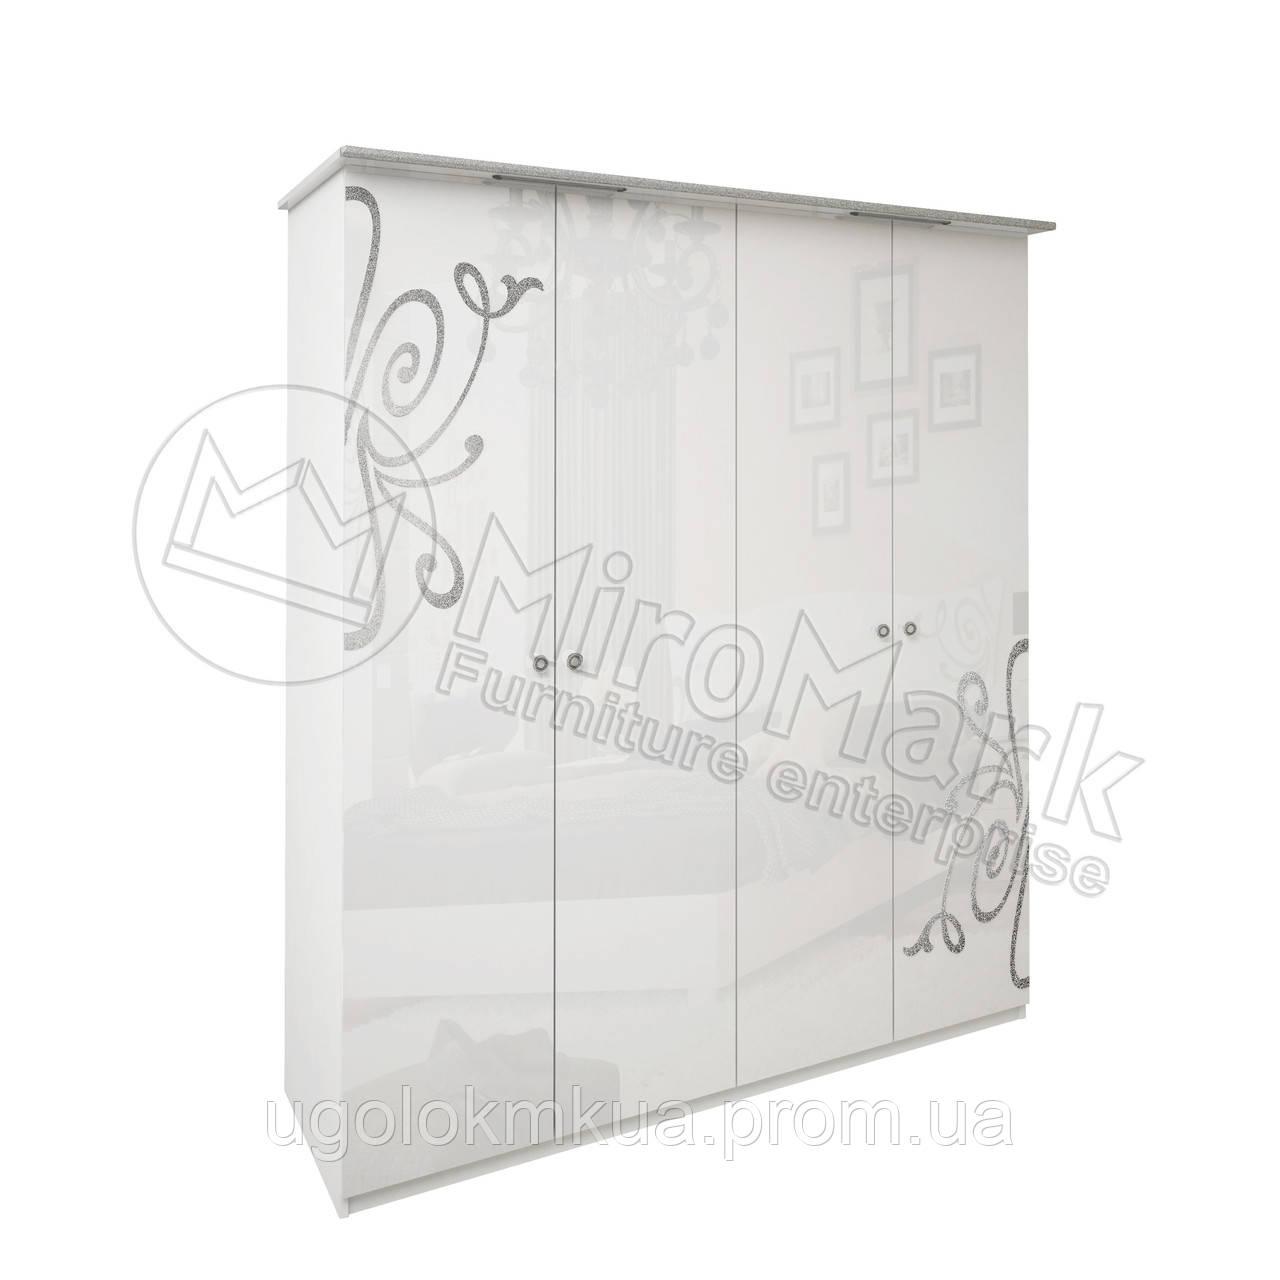 Спальня Богема белый глянец шкаф 4Д без зеркал